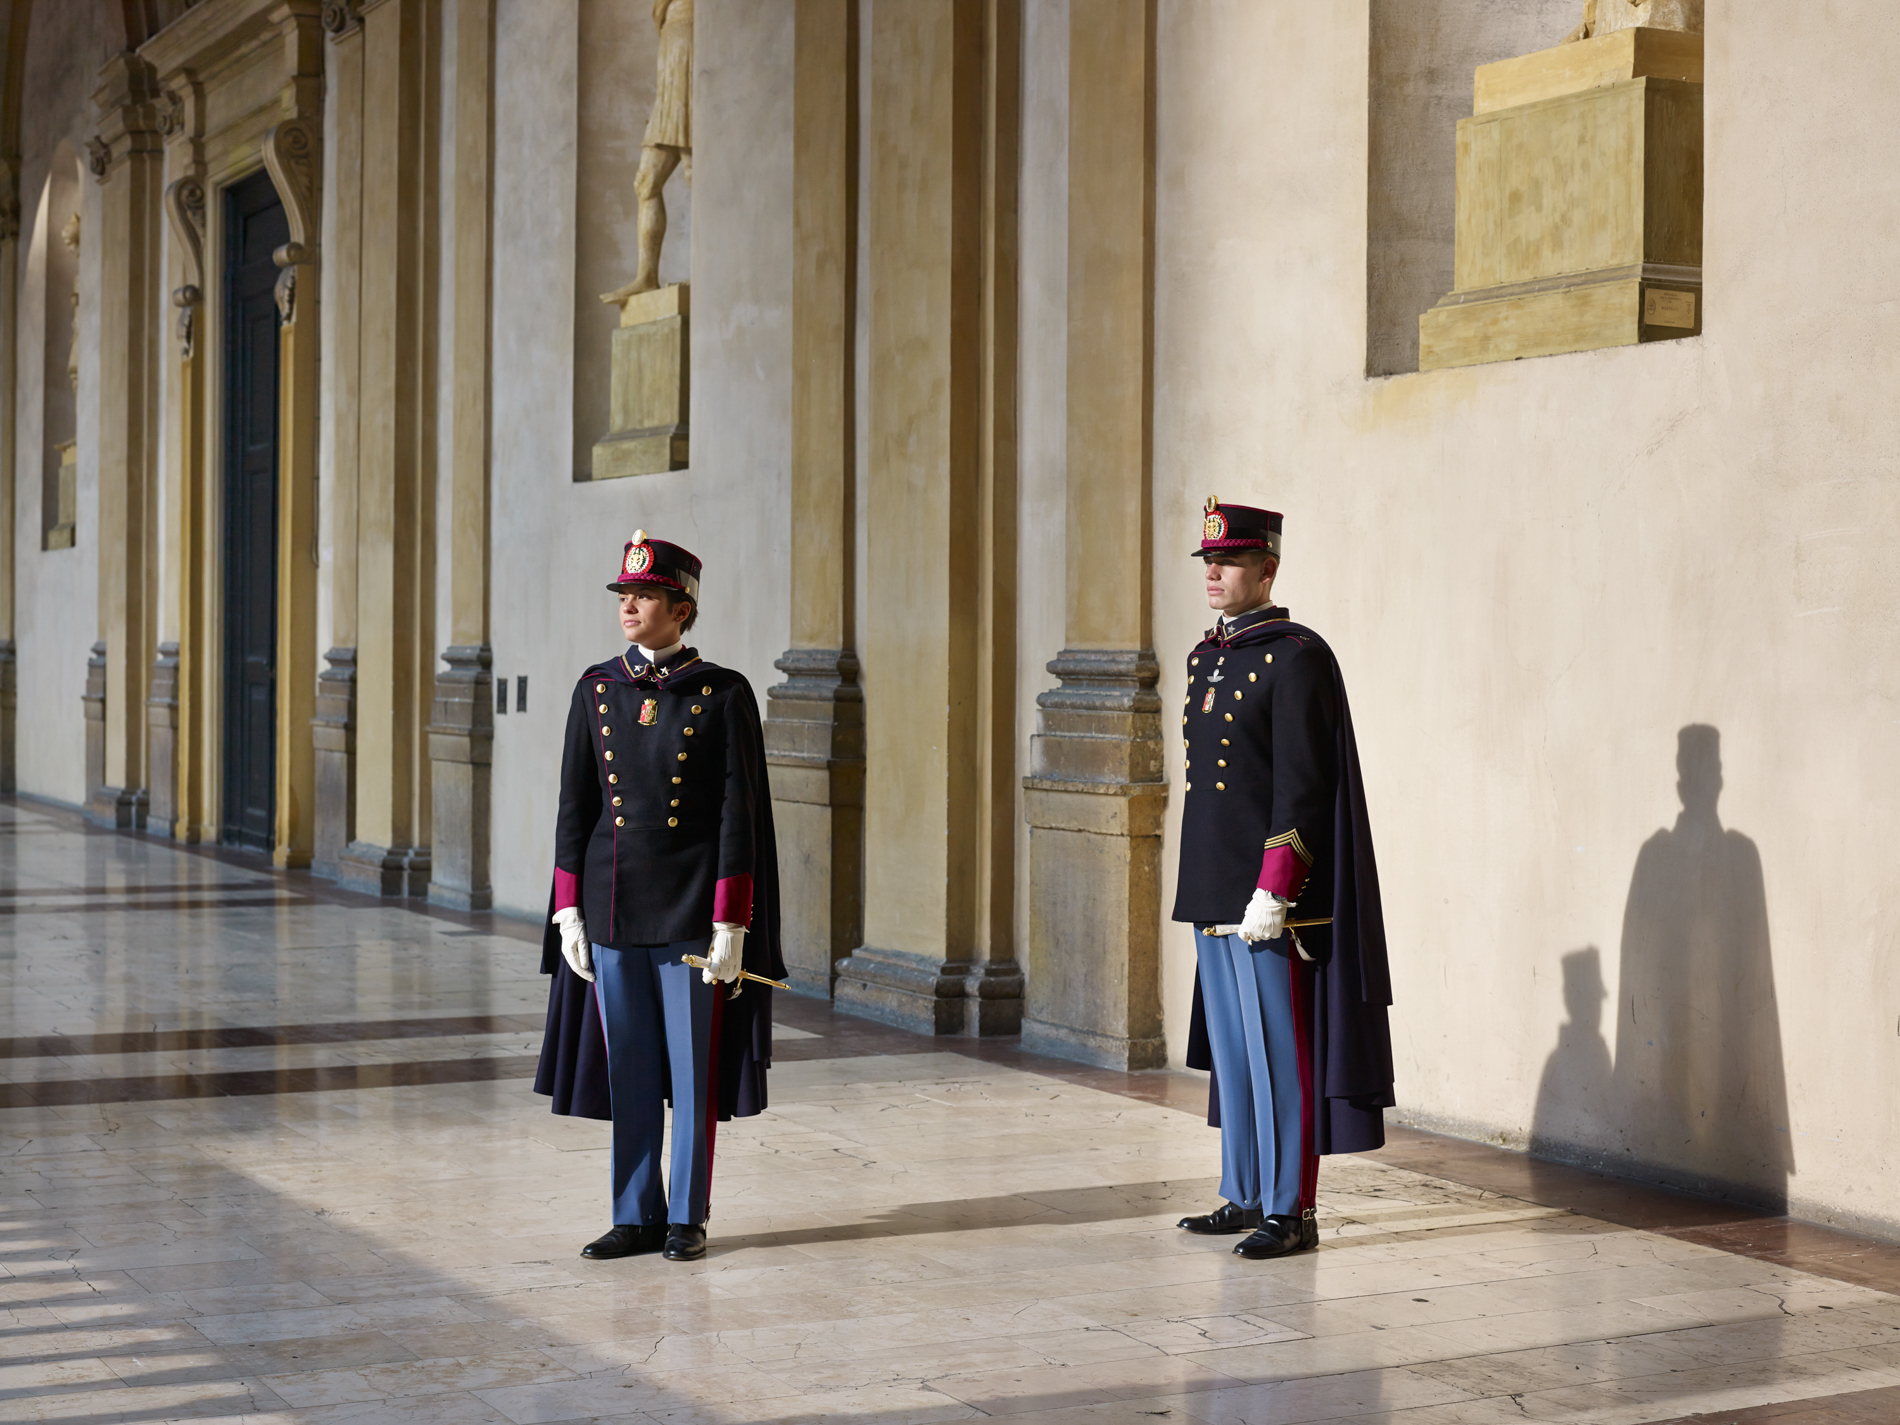 ACCADEMIA MILITARE DI MODENA ITALY